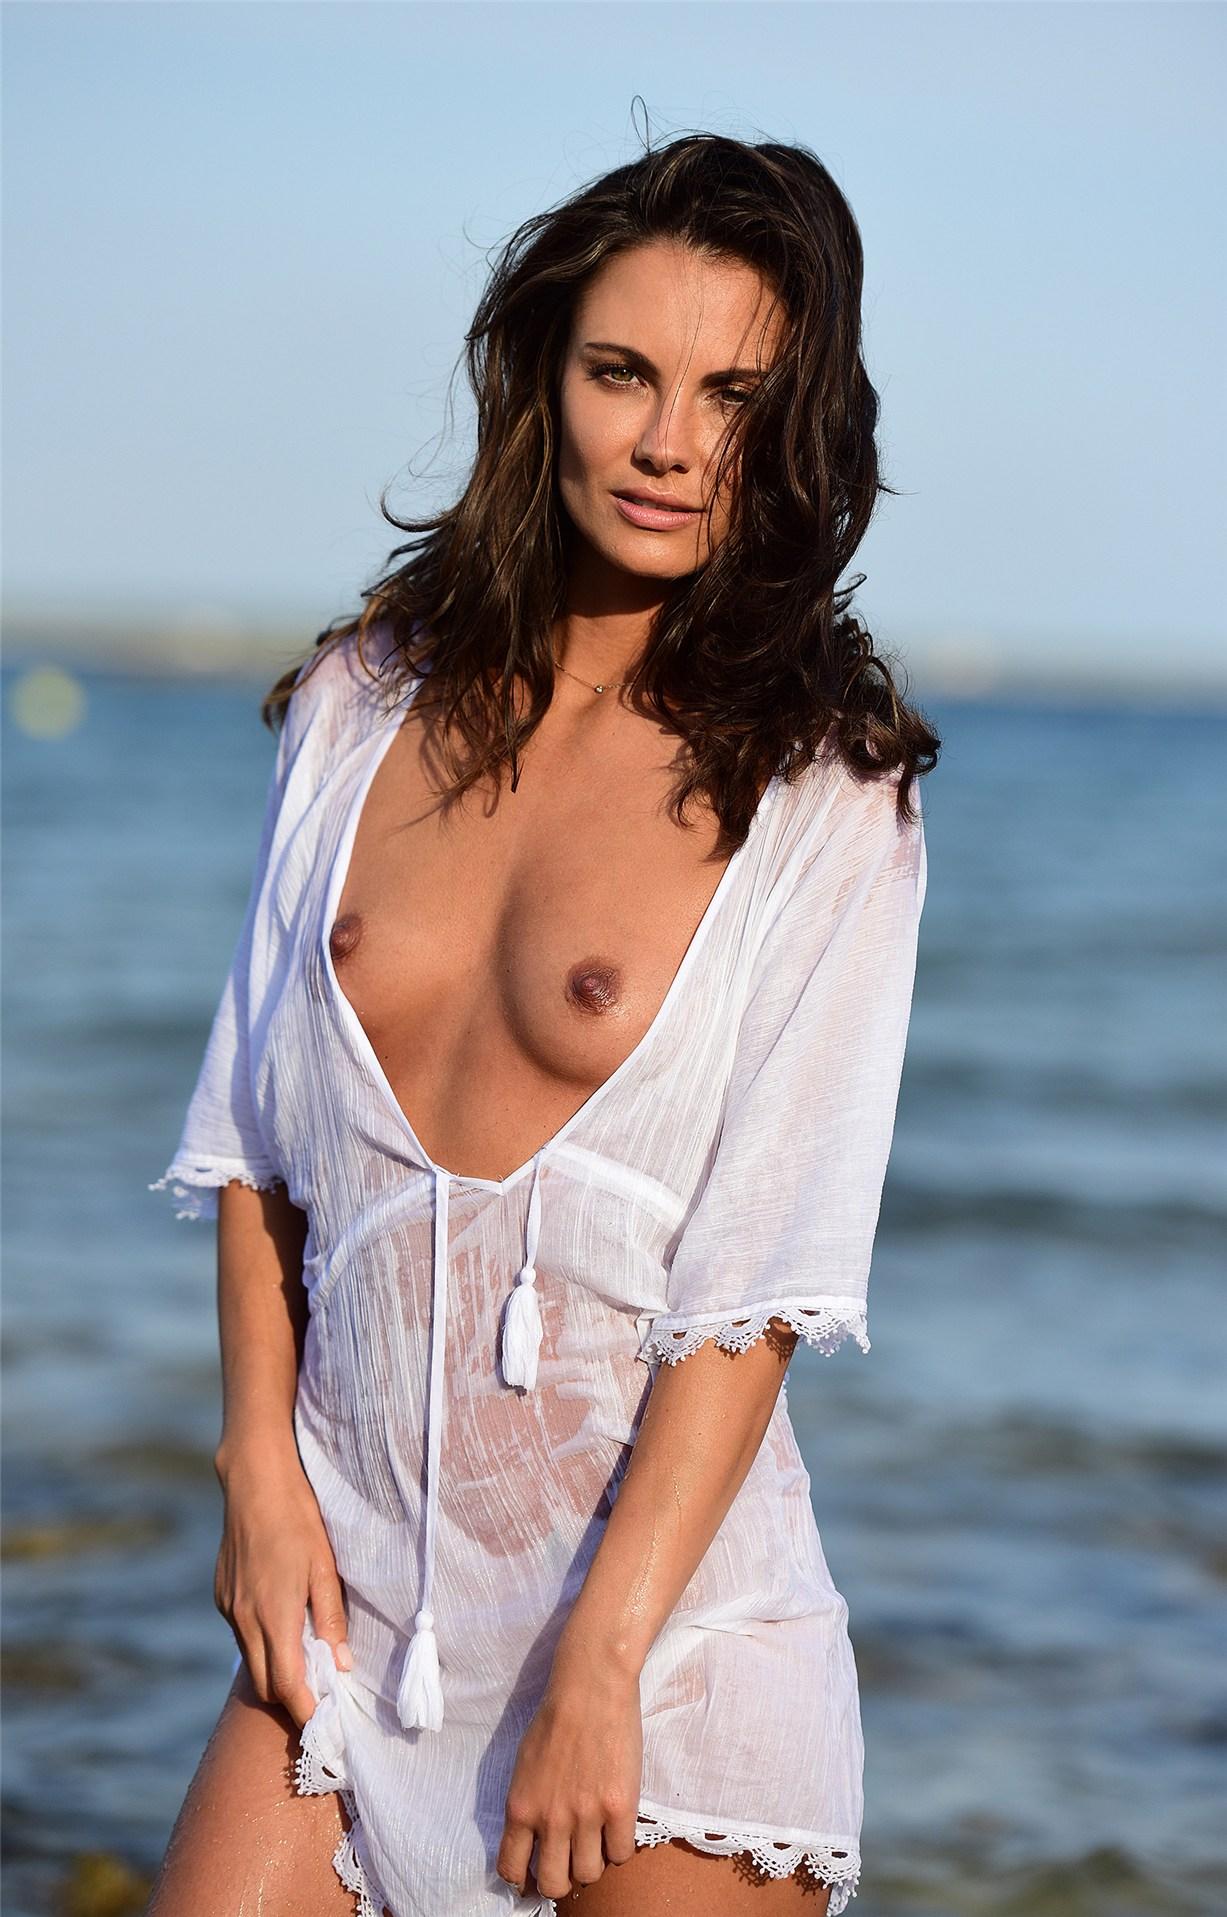 Телеведущая и модель Симона Фосс / Simone Voss - Playboy Germany december 2016